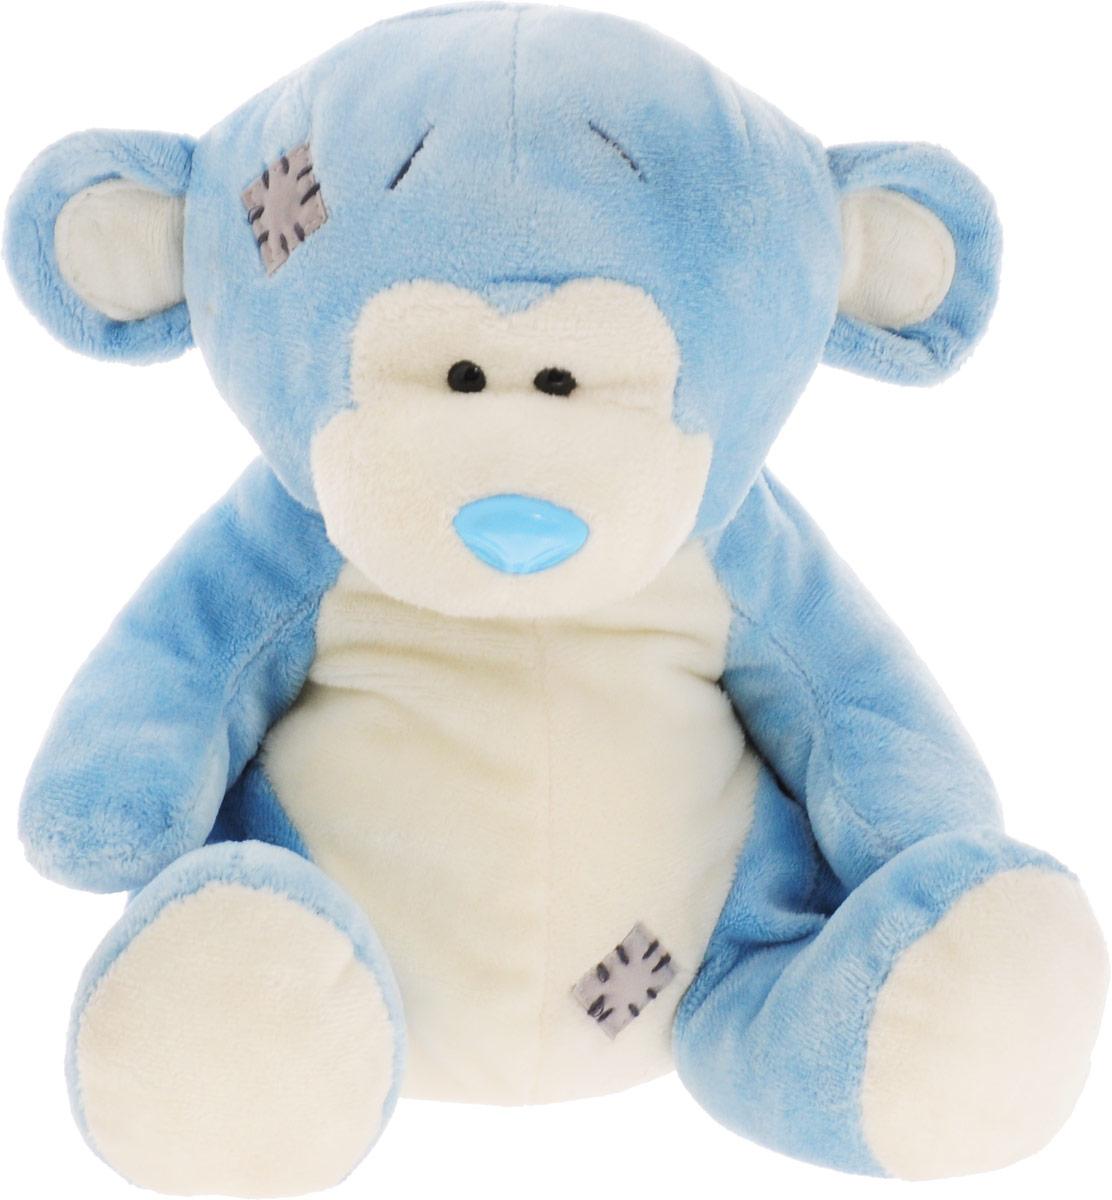 Me to You Мягкая игрушка Обезьянка Coco 24 см брелок игрушка мягкая серия me to you 8см в асс g01w3805